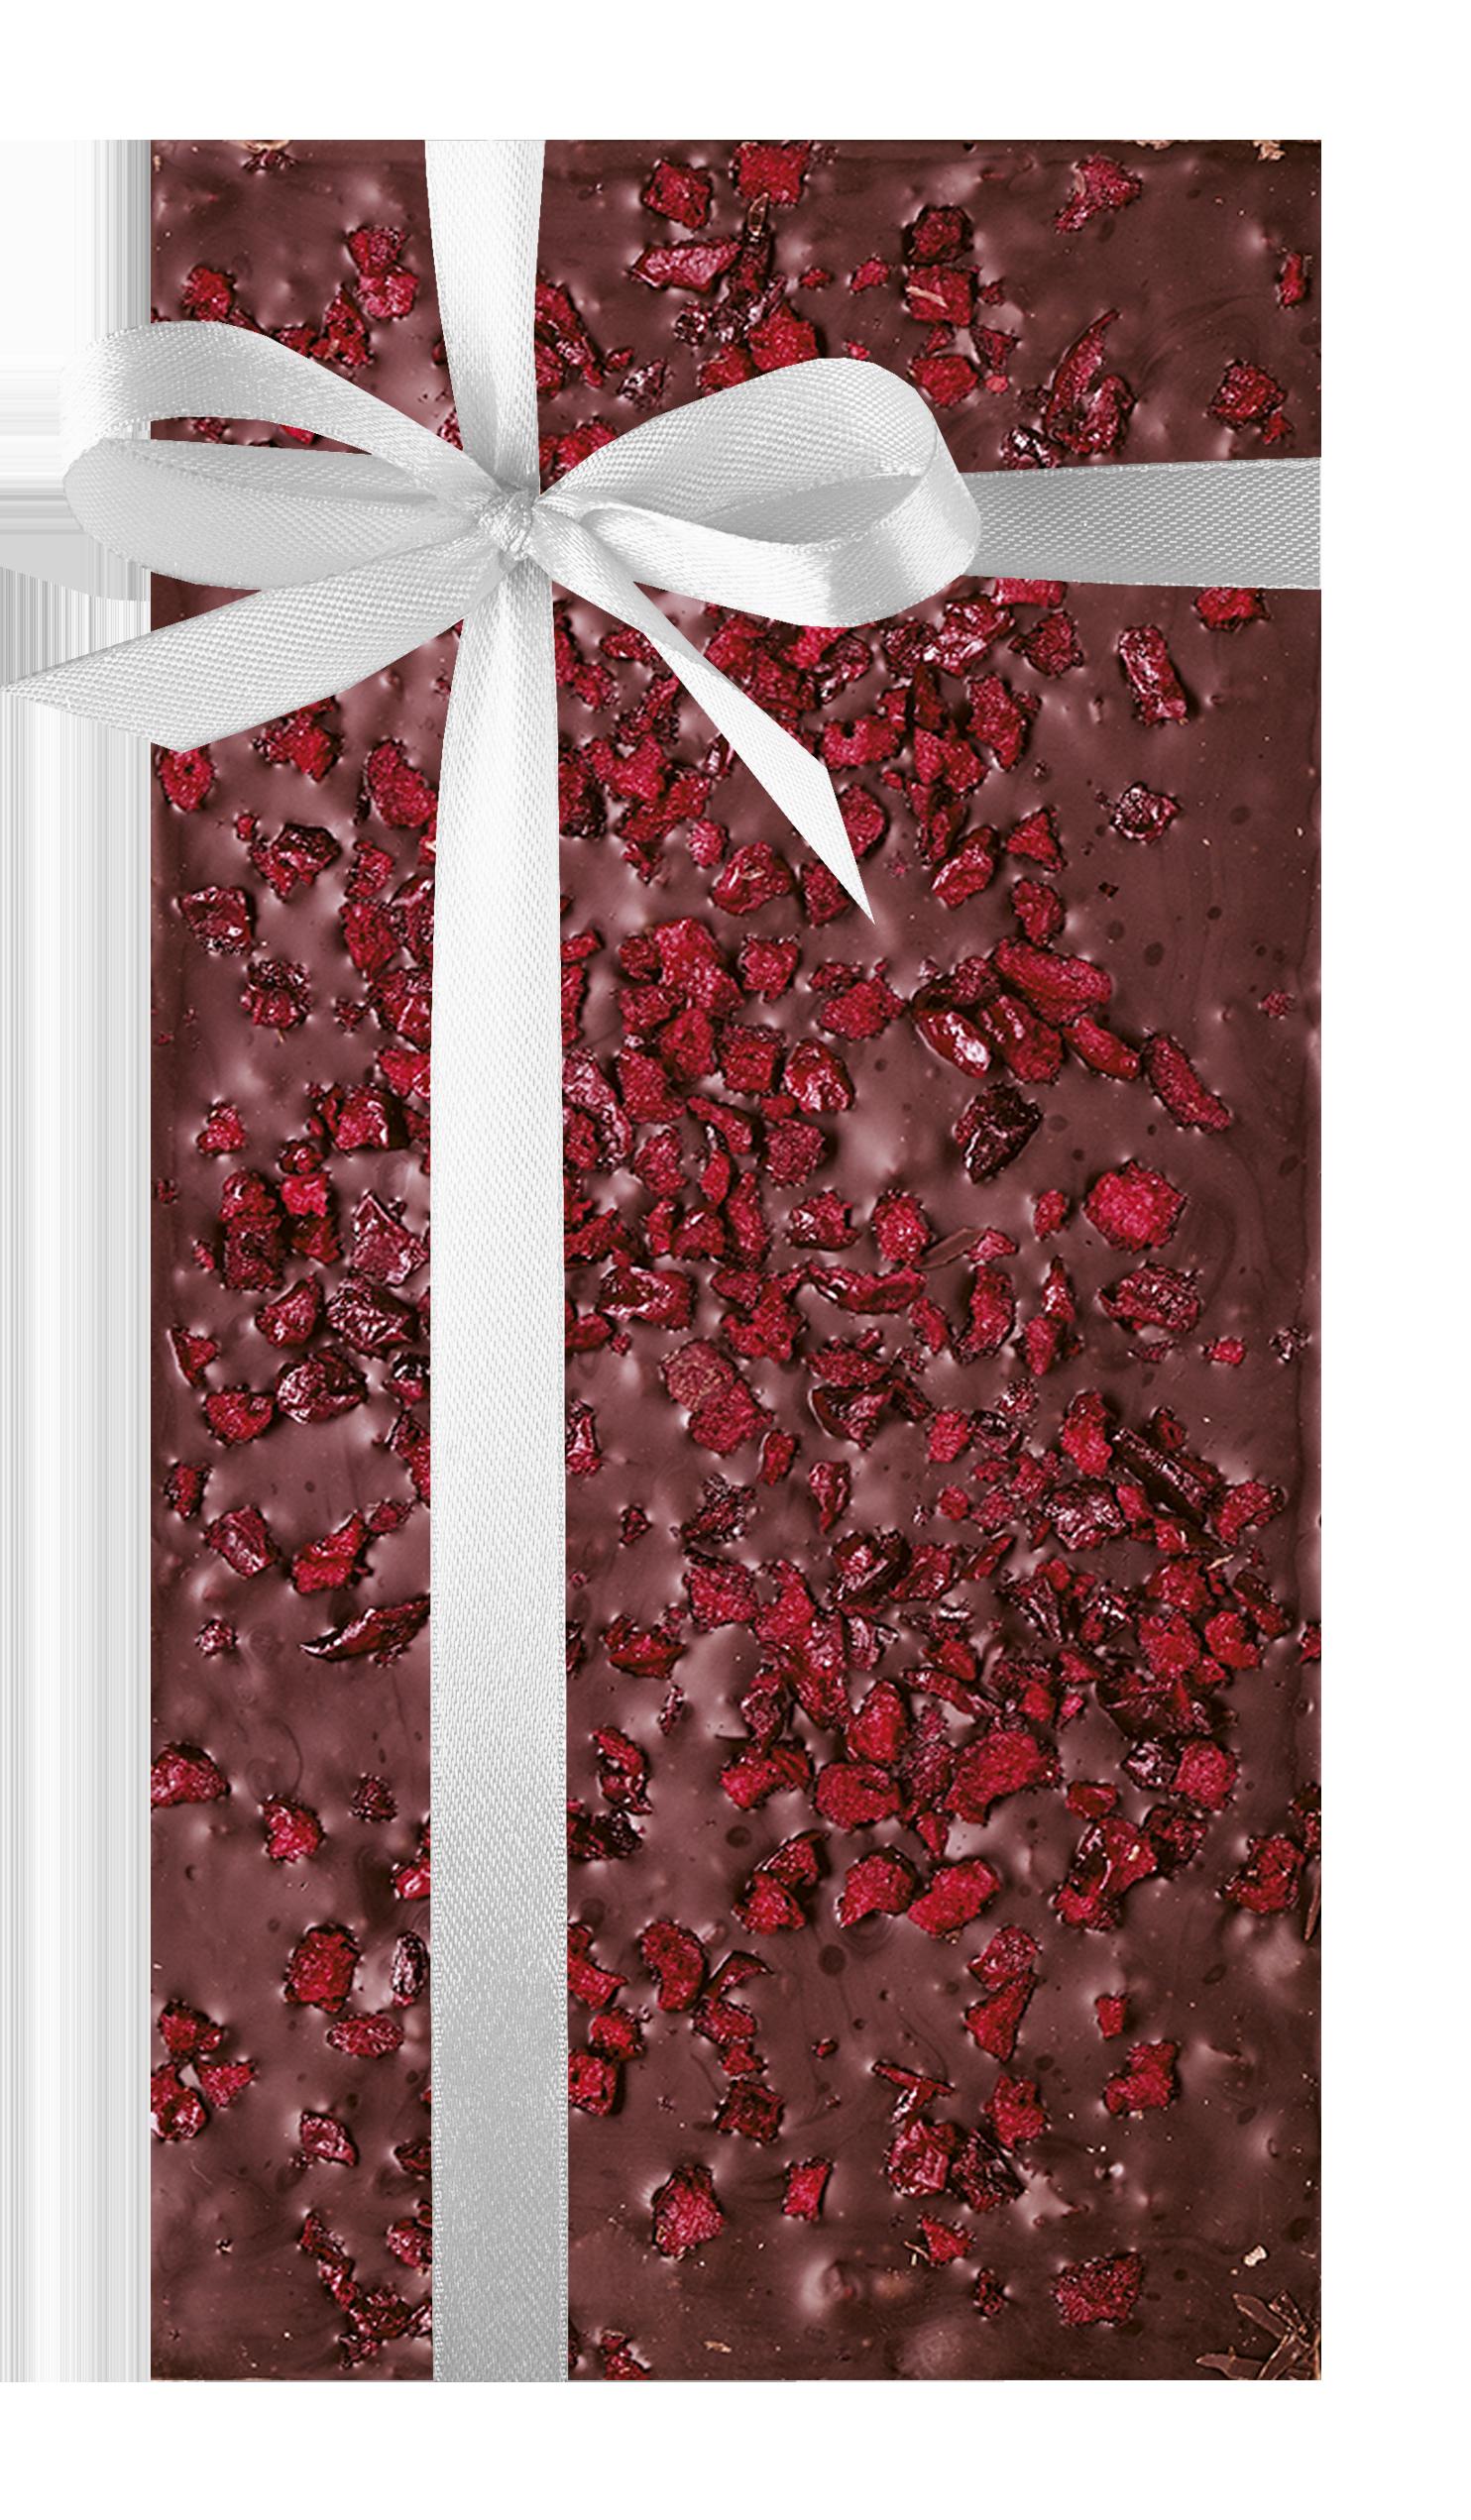 Dark chocolate with cherries